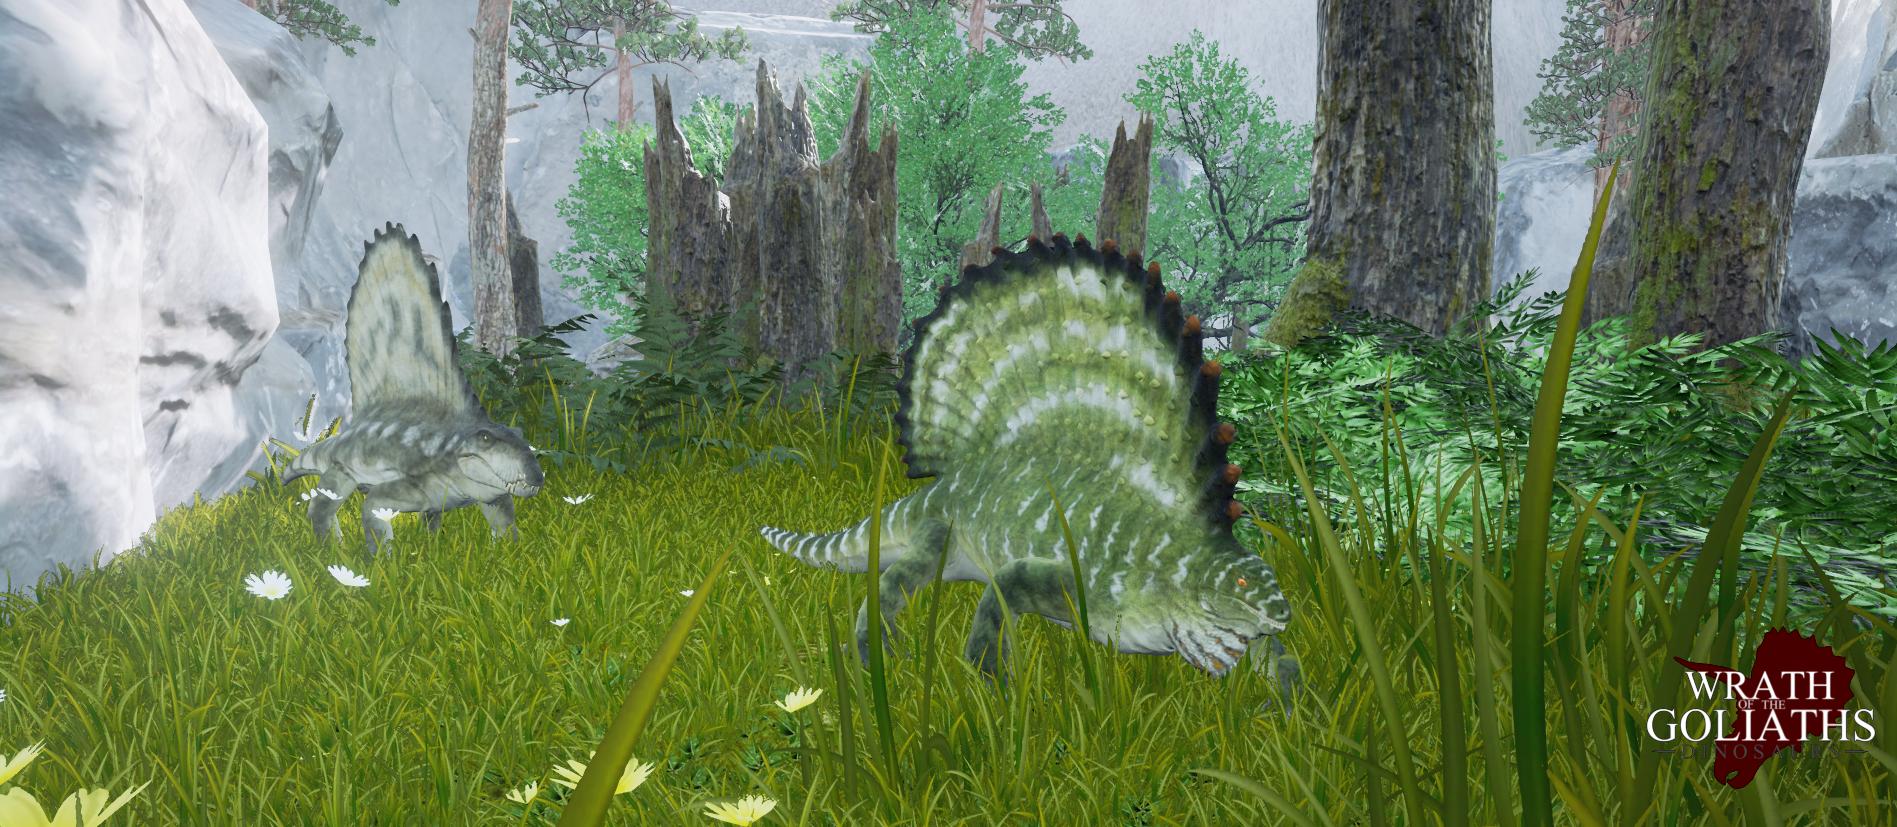 Dimetrodon & Edaphosaurus